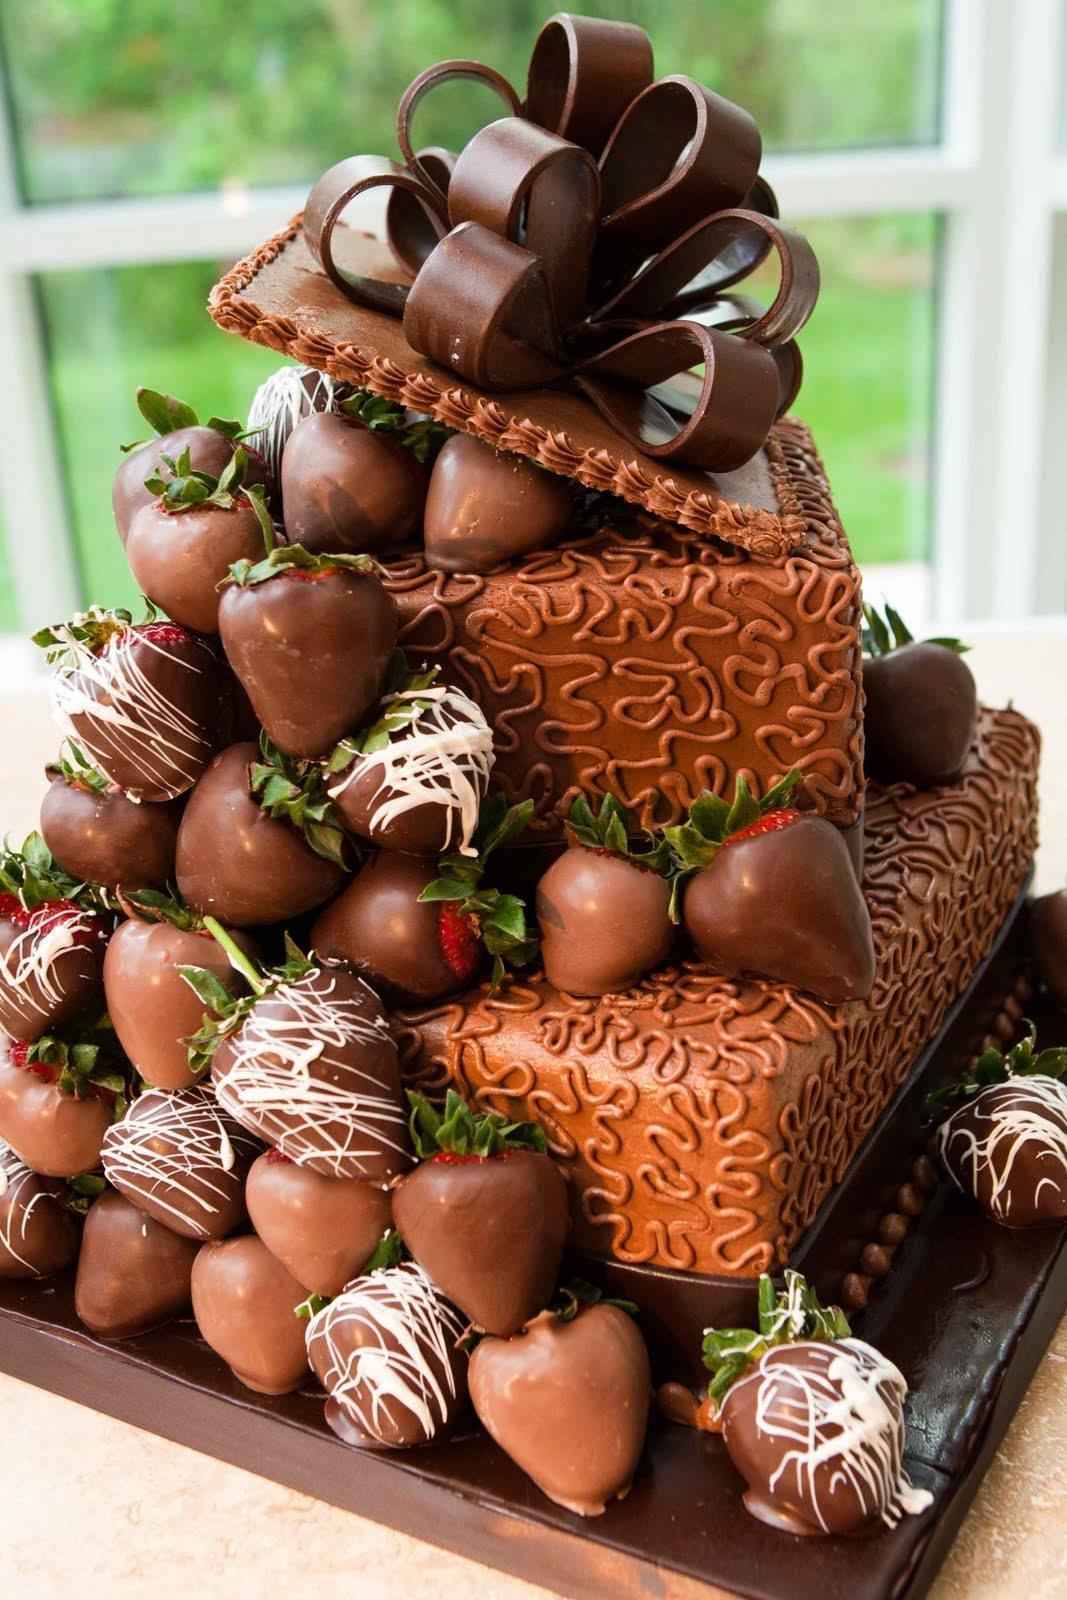 красивые картинки шоколадных изделий величественная птица предвещает